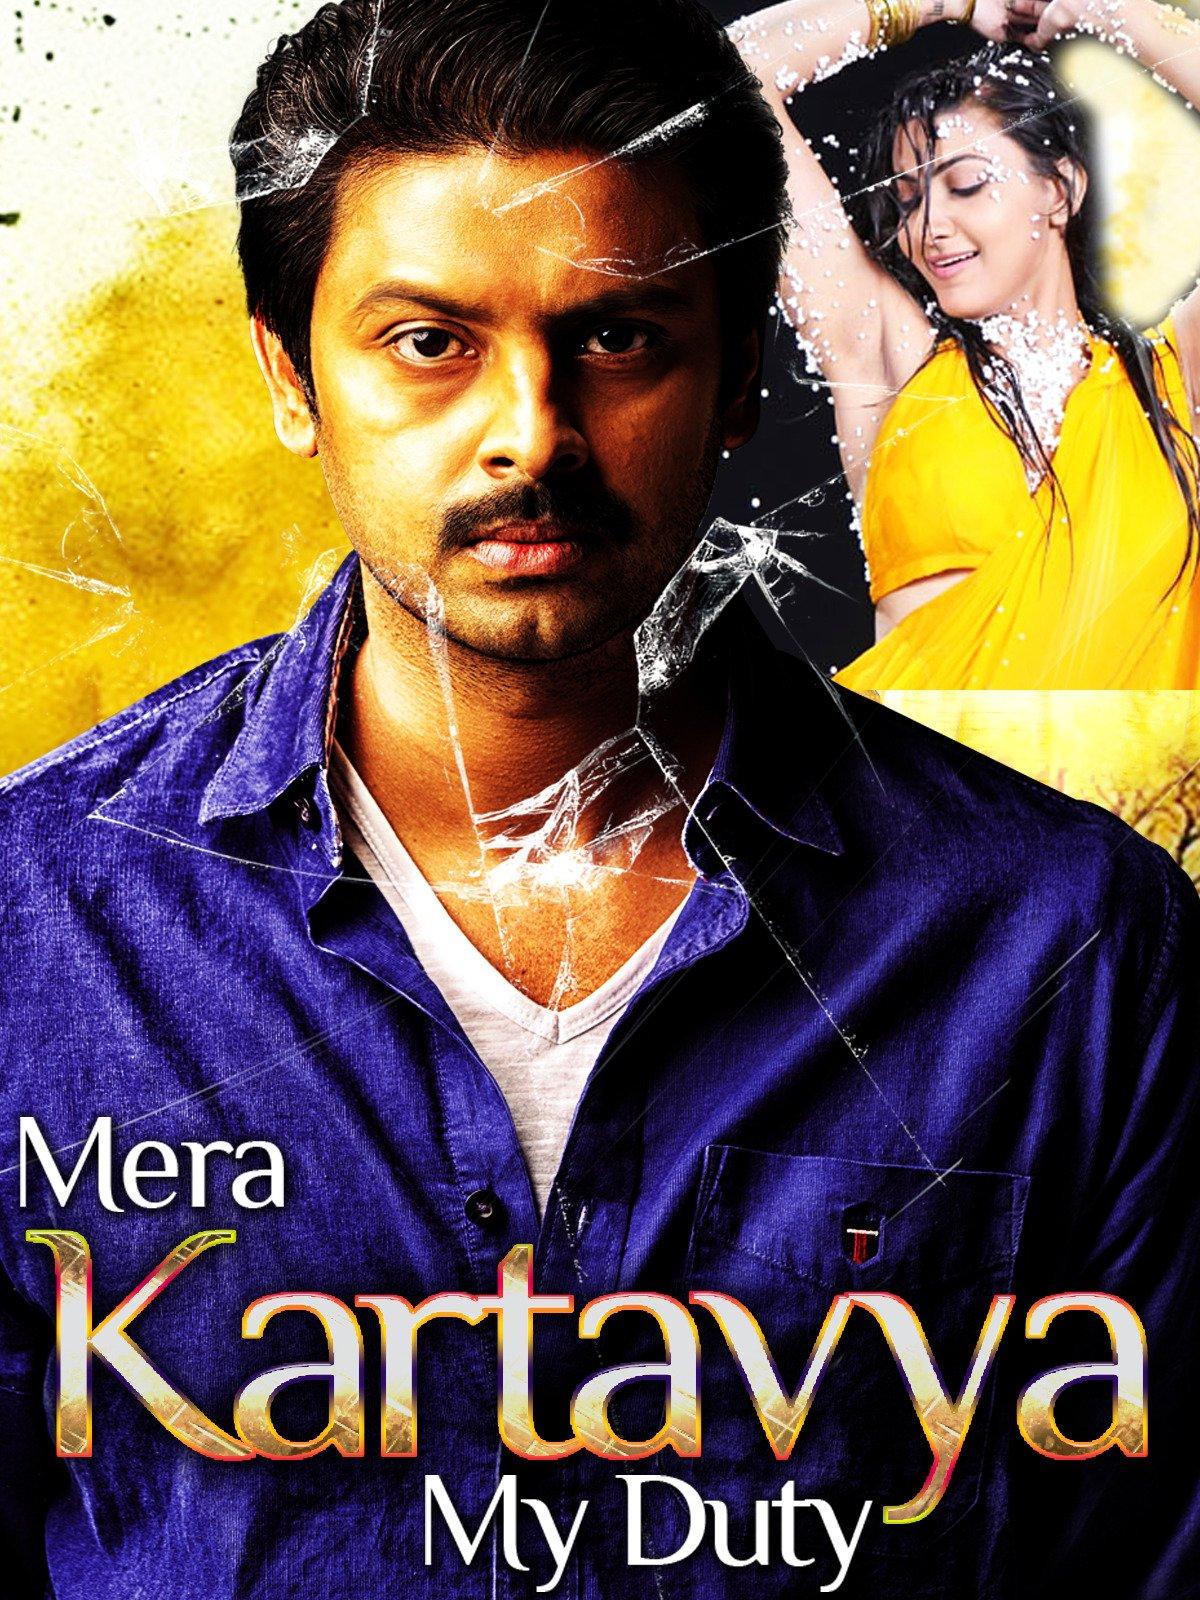 Mera Kartavya My Duty